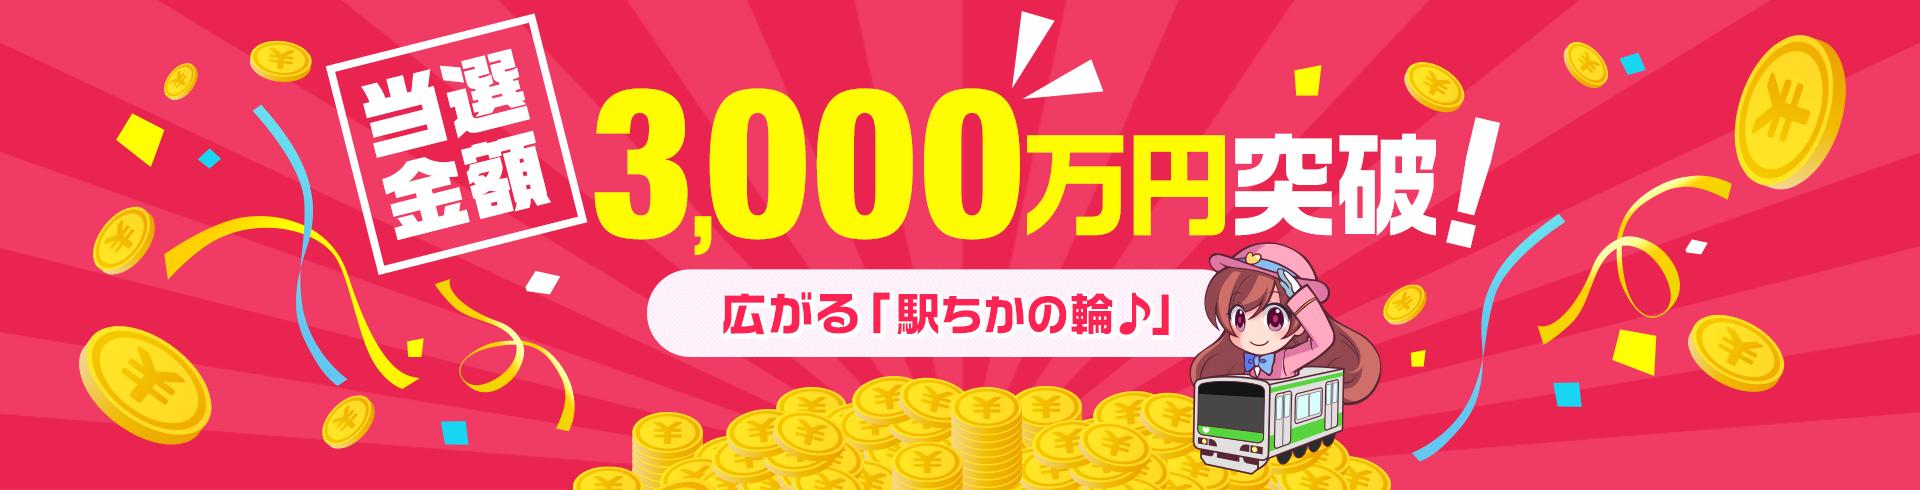 当選金額「1,700万円」突破!!広がる『駅ちかの輪』♪